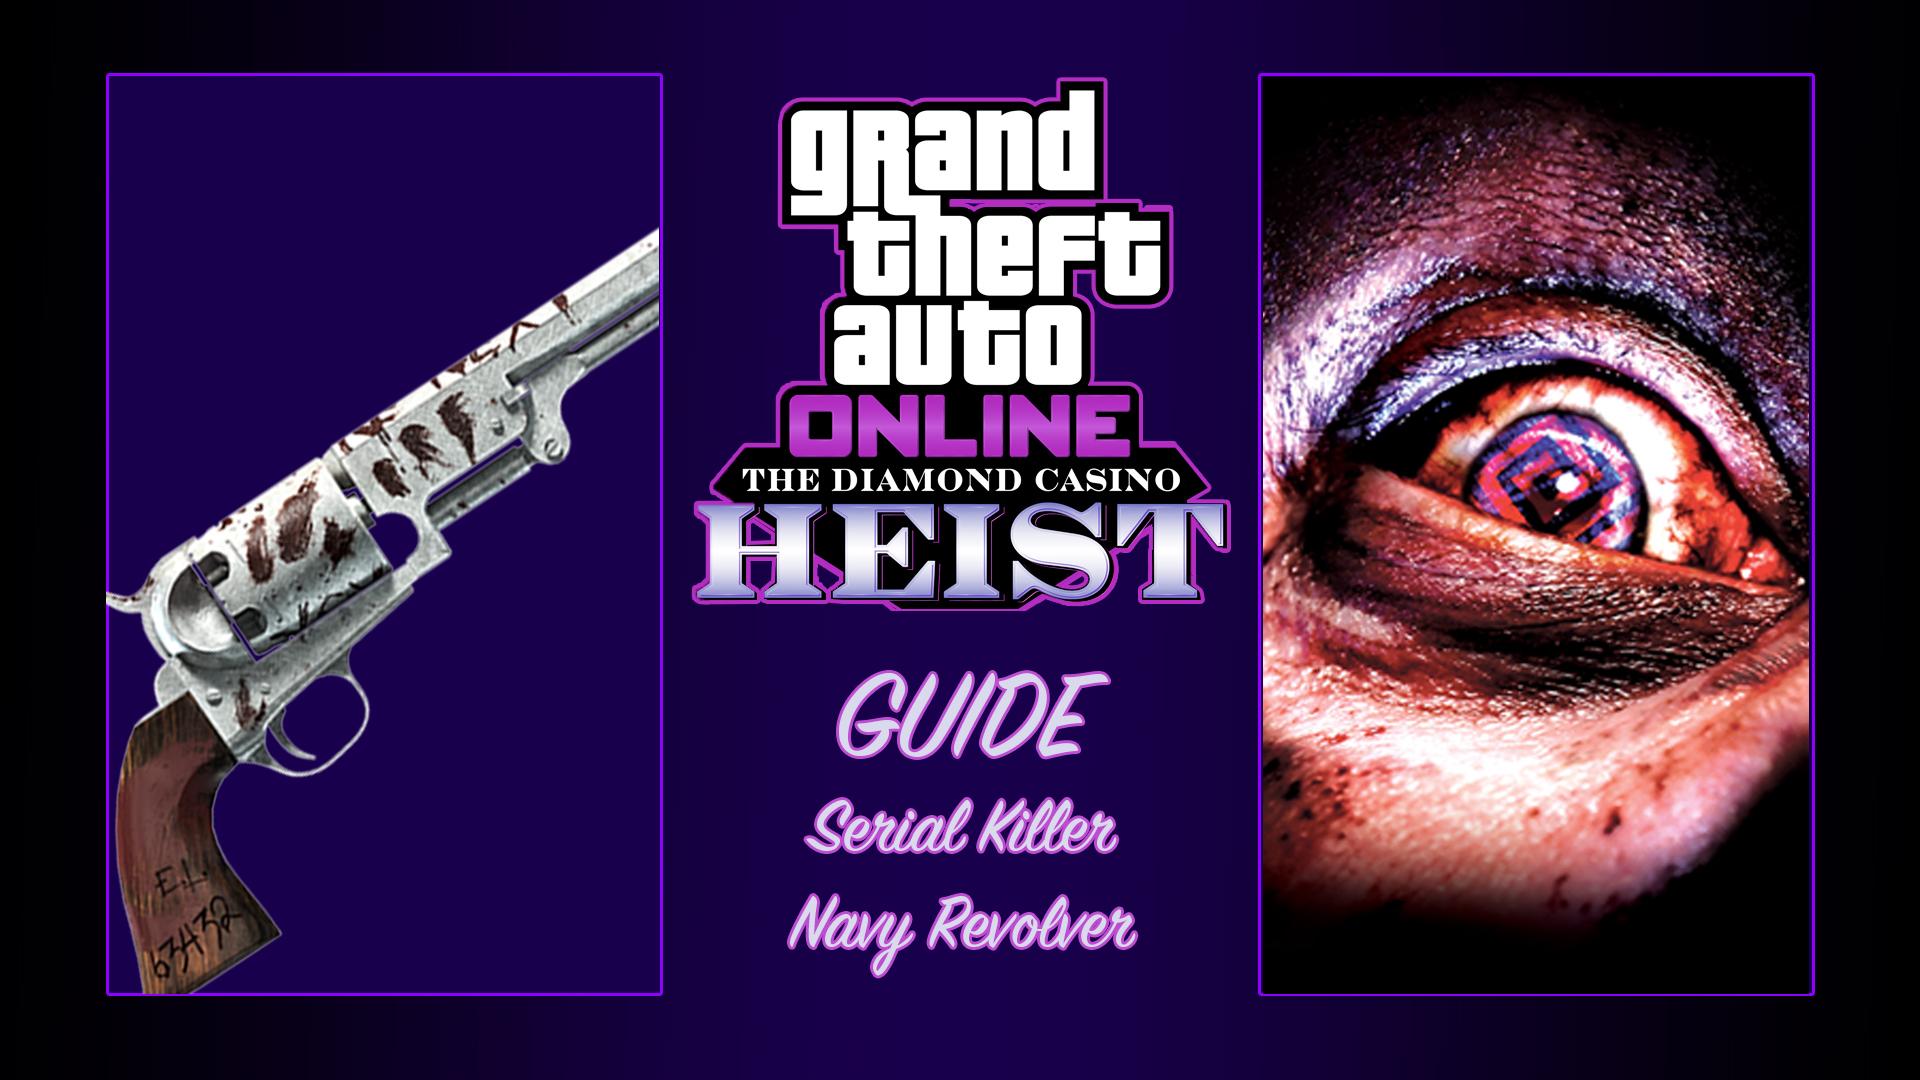 Guide Navy Revolver, Serial Killer GTA Online